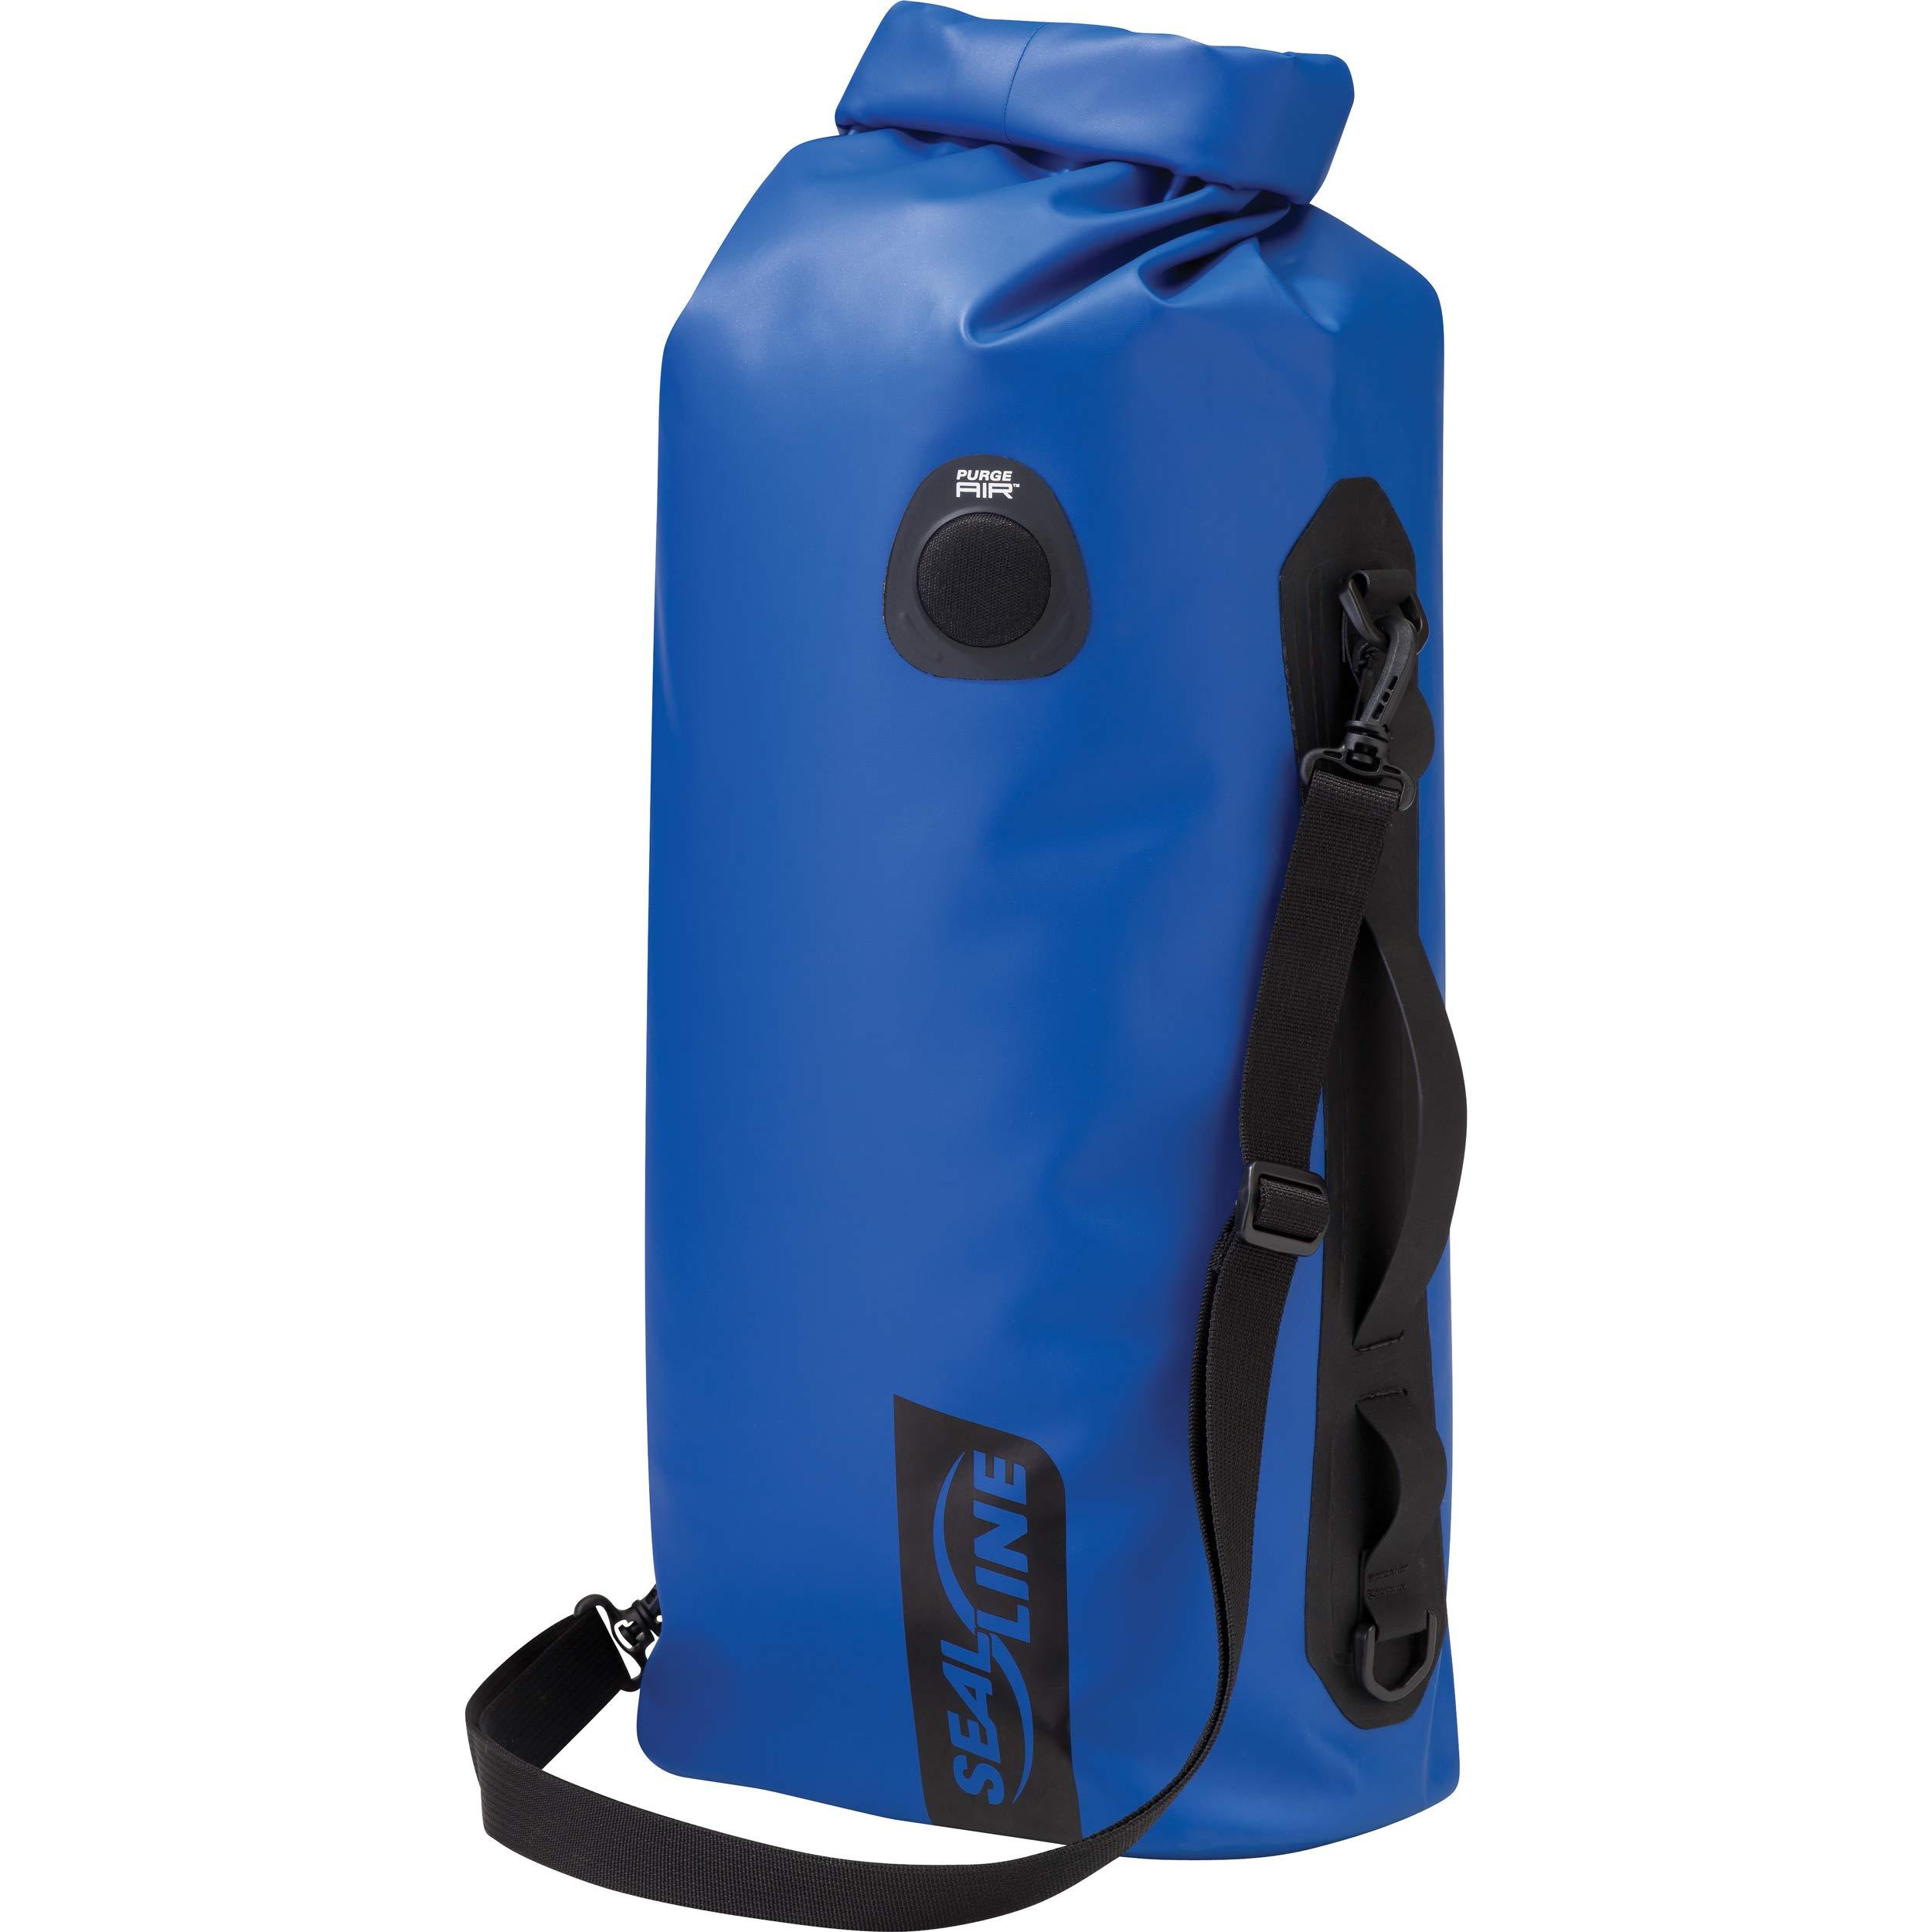 SealLine Discovery Deck Waterproof Dry Bag with PurgeAir, Blue, 30-Liter